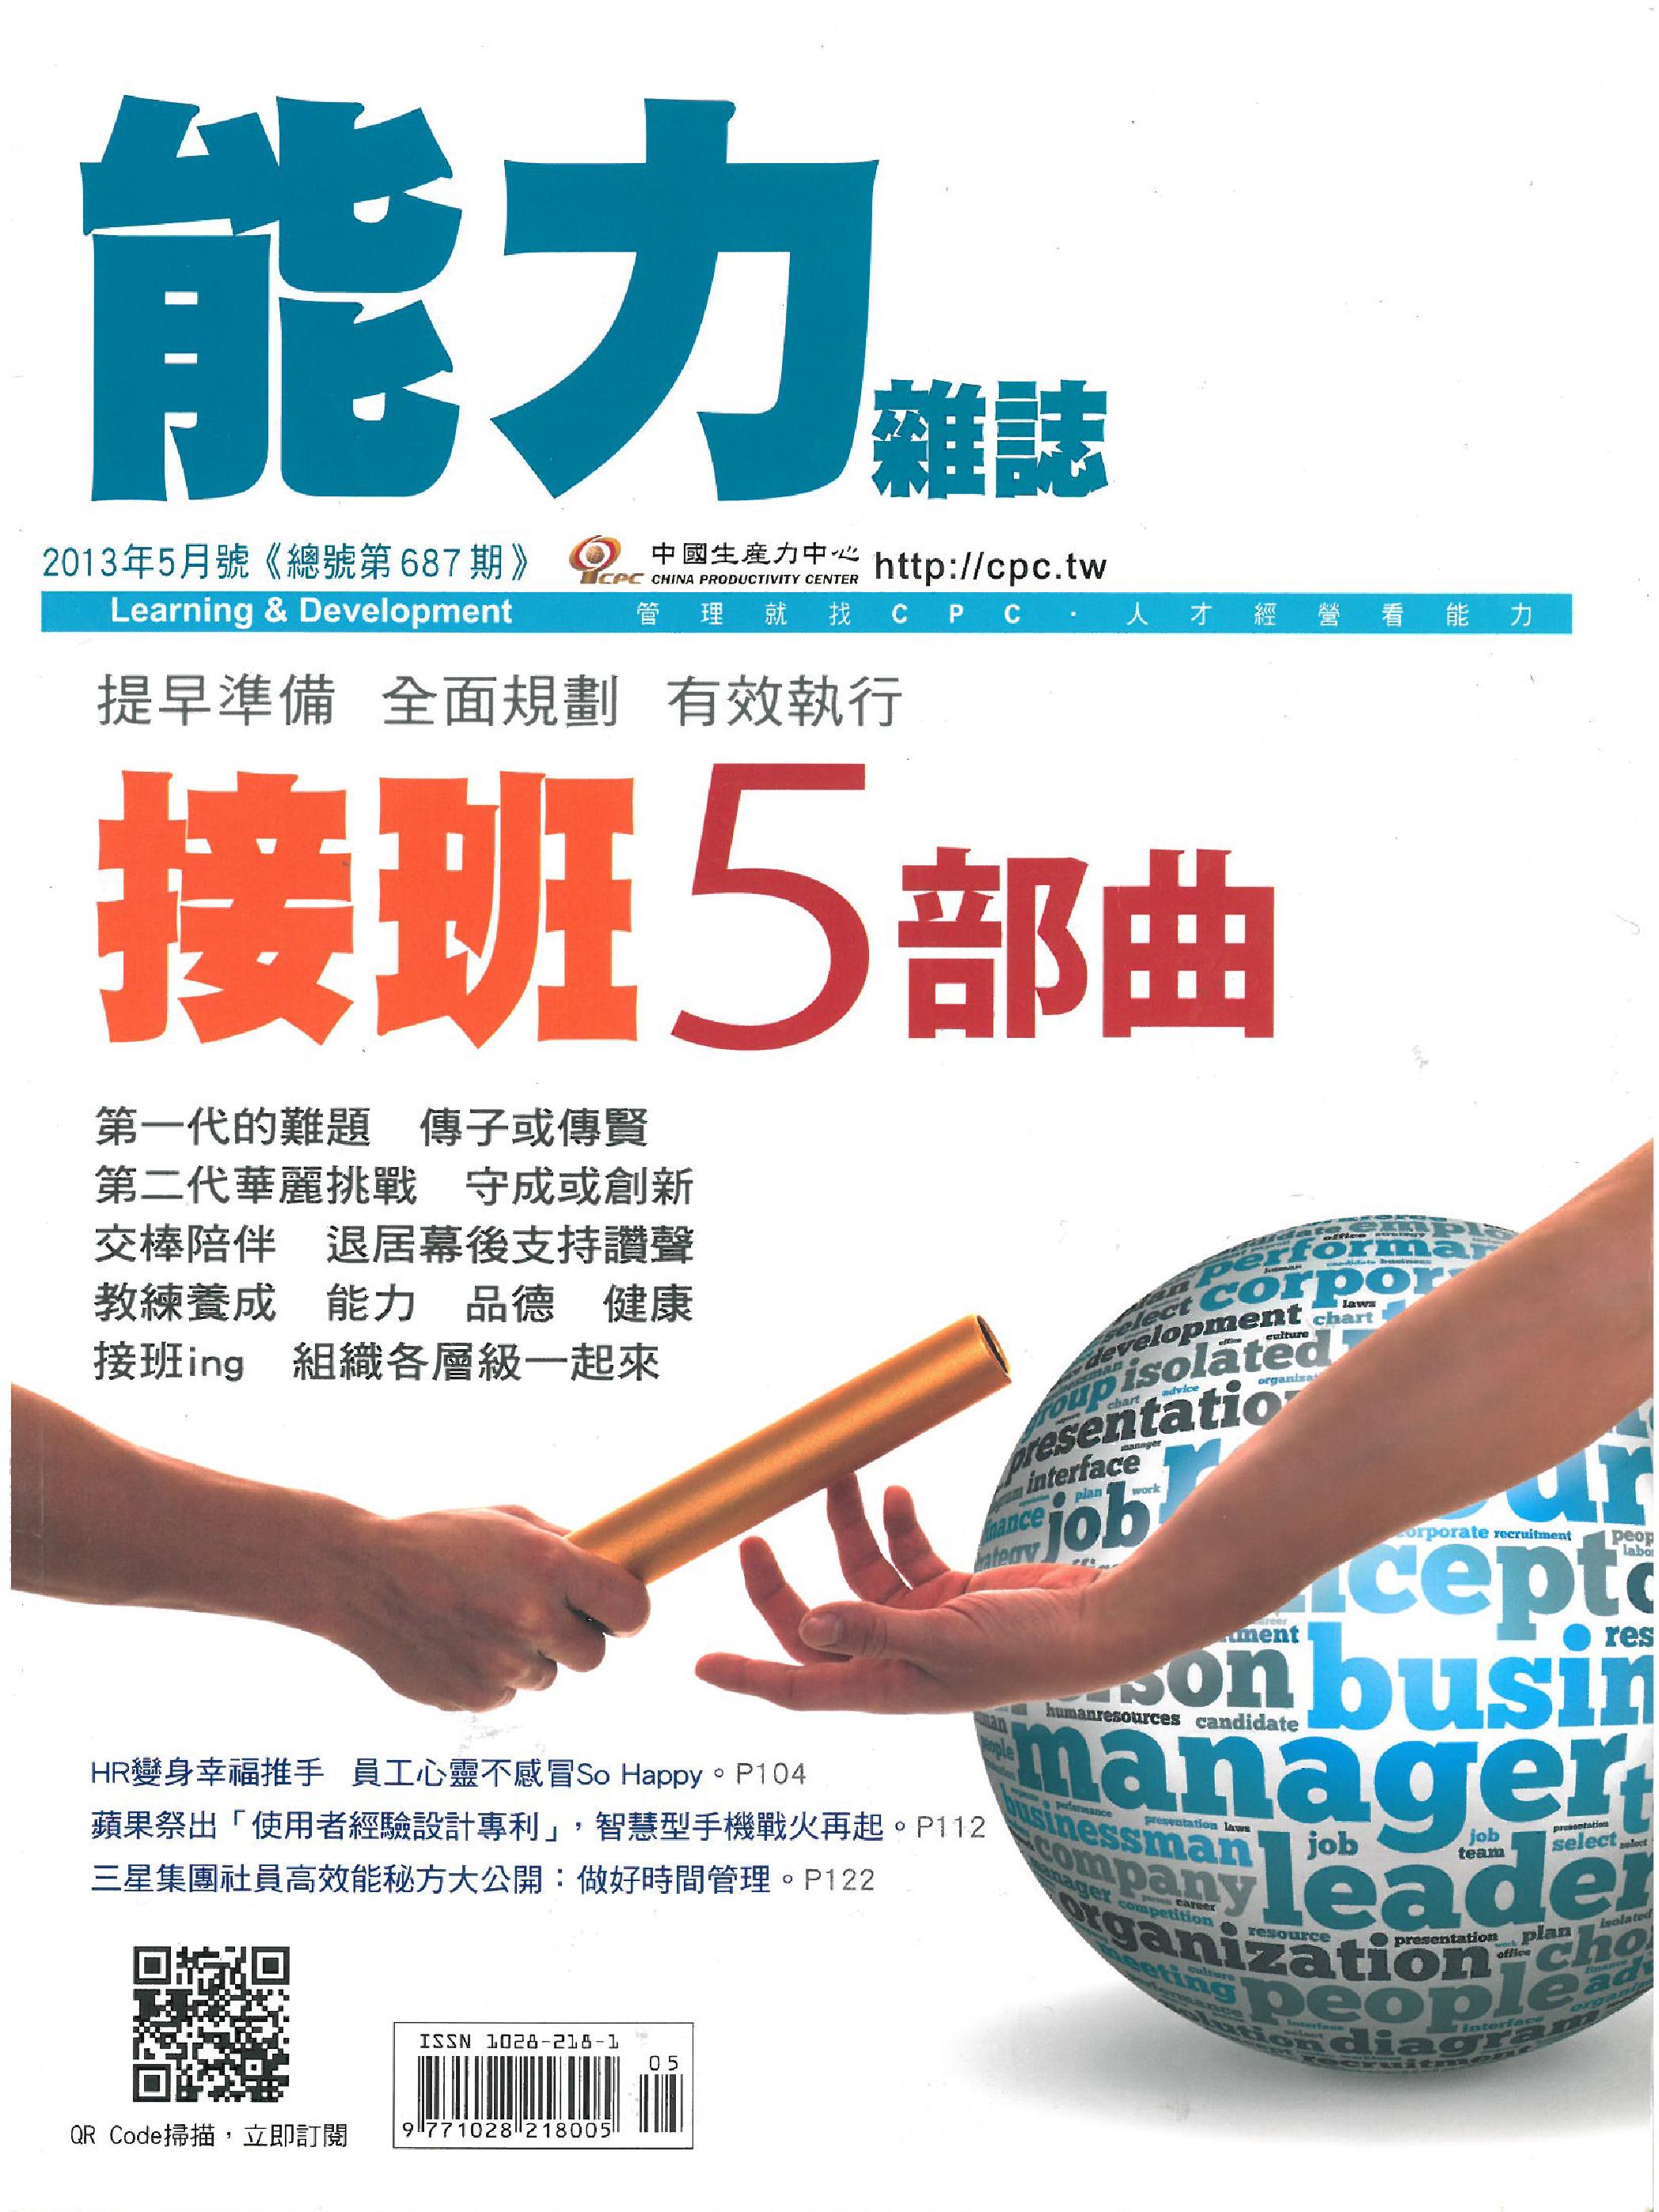 アビリティマガジン-2013年5月号687